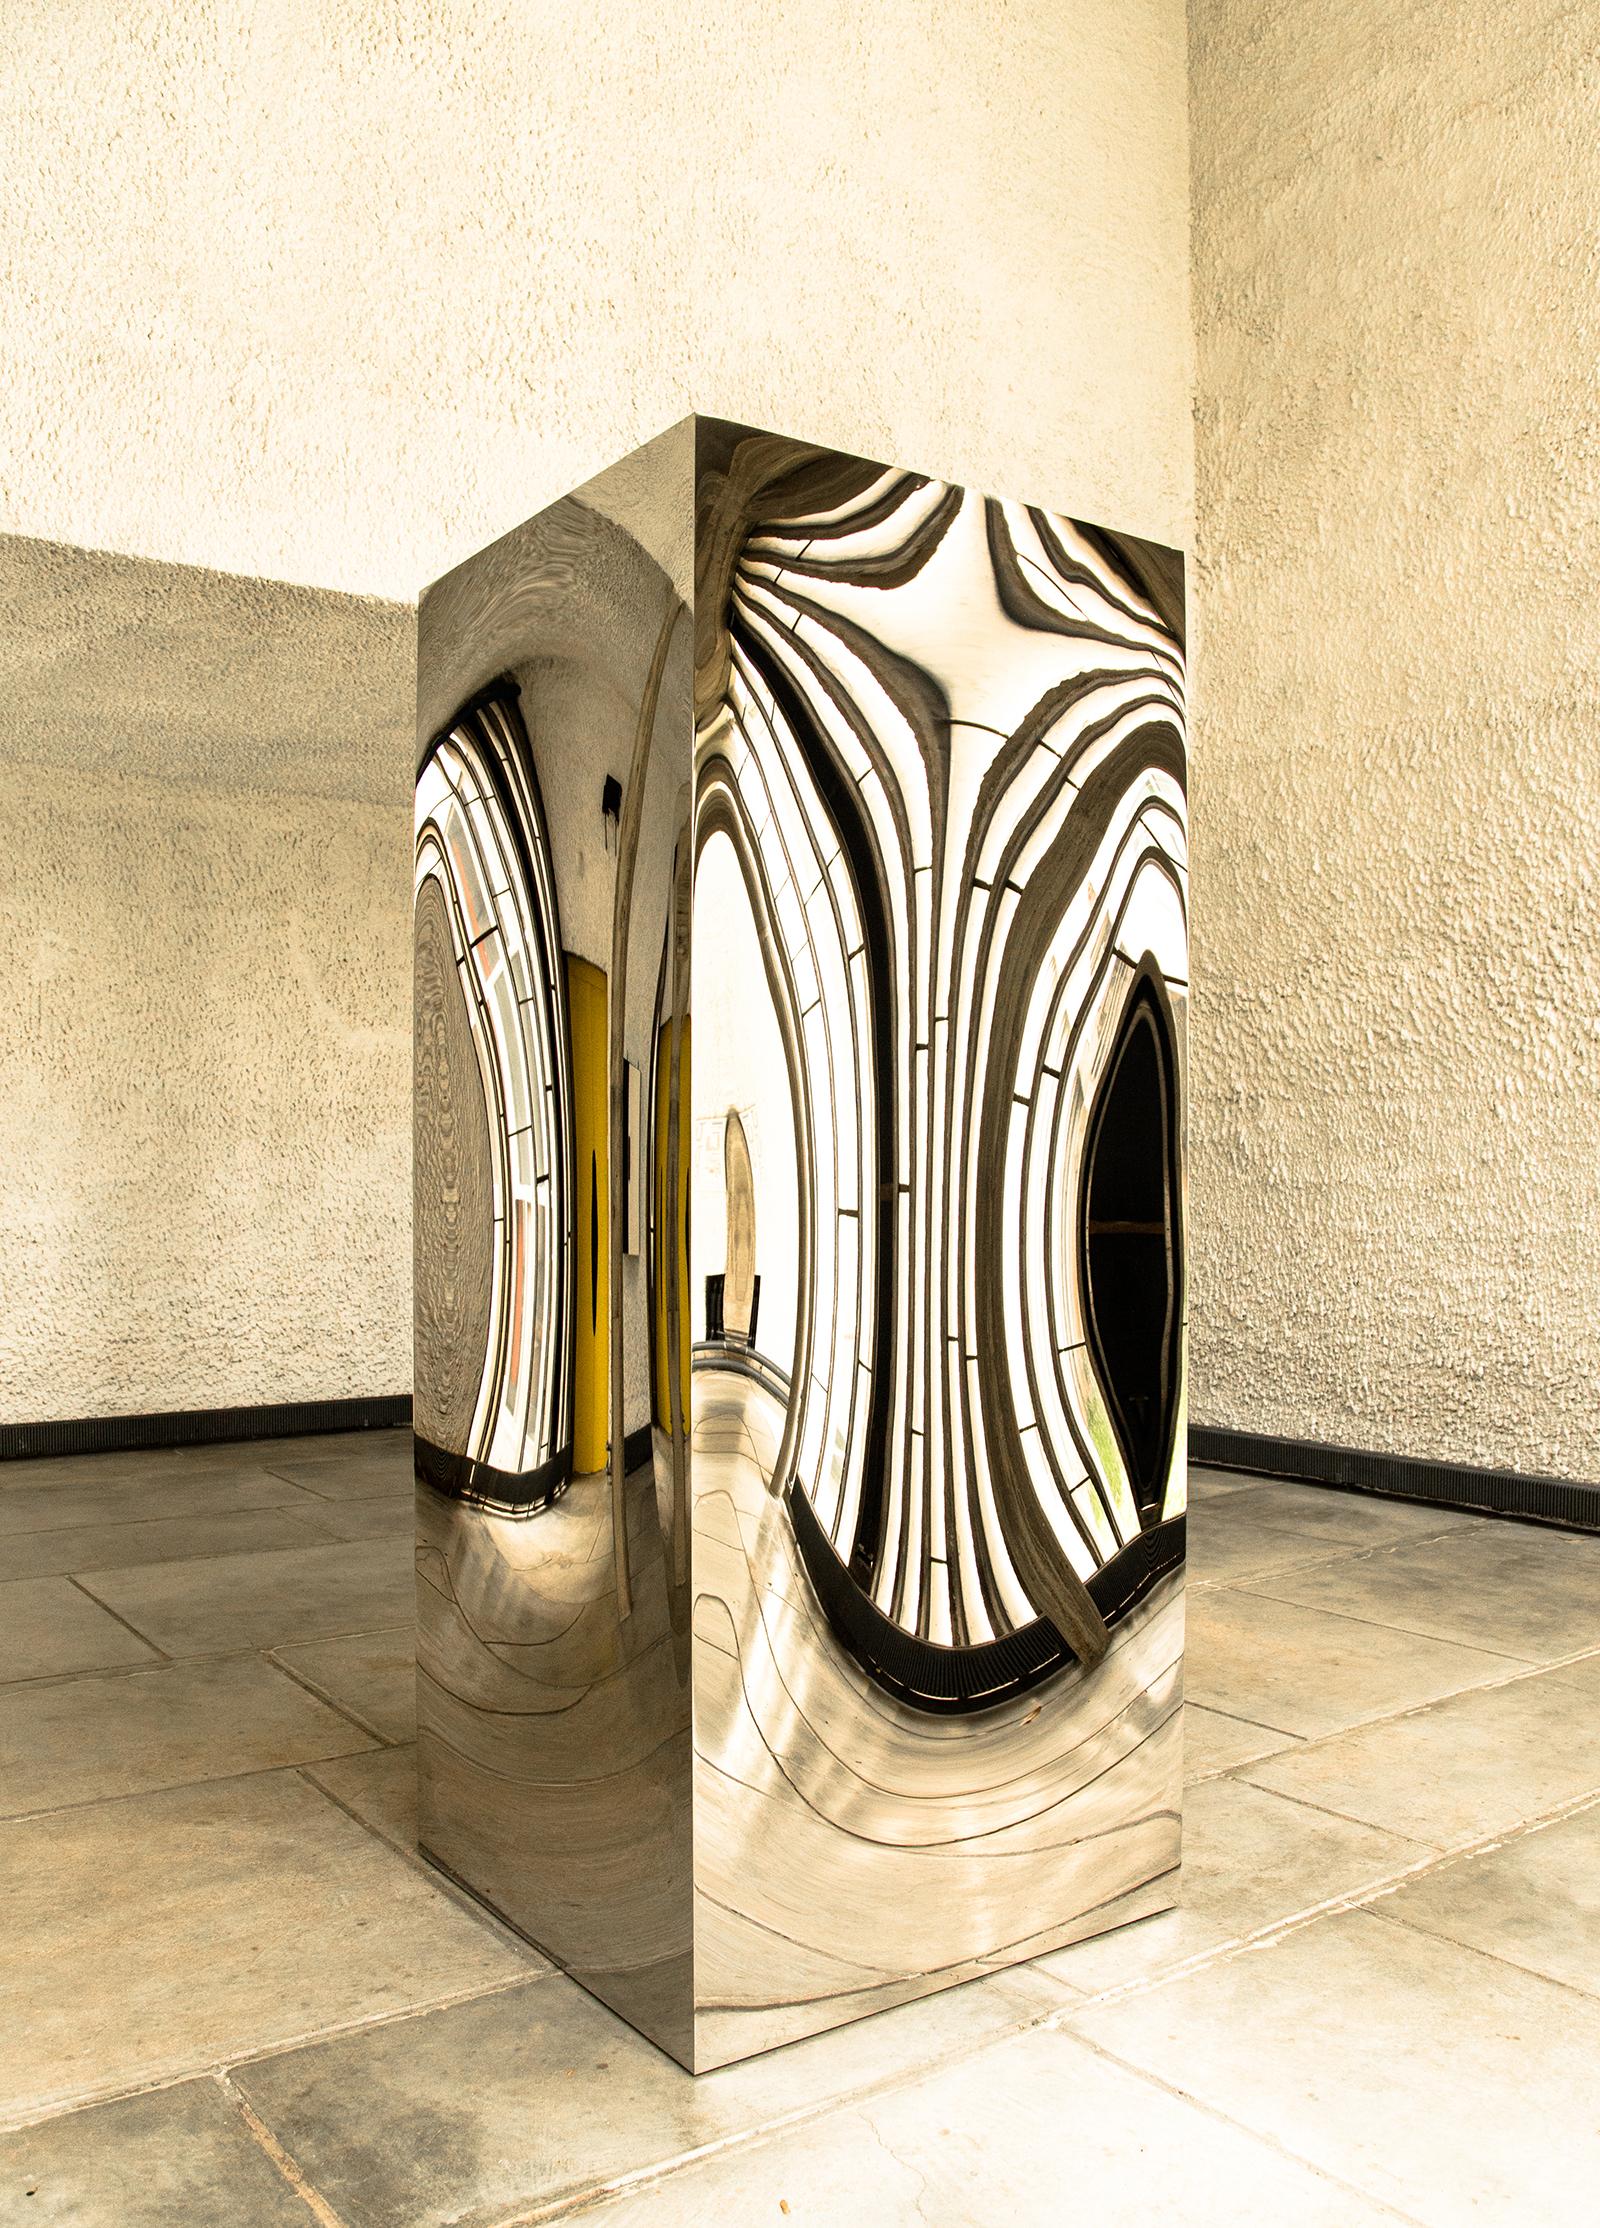 Anish Kapoor Chez Le Corbusier 1 (c) Laszlo Horvath